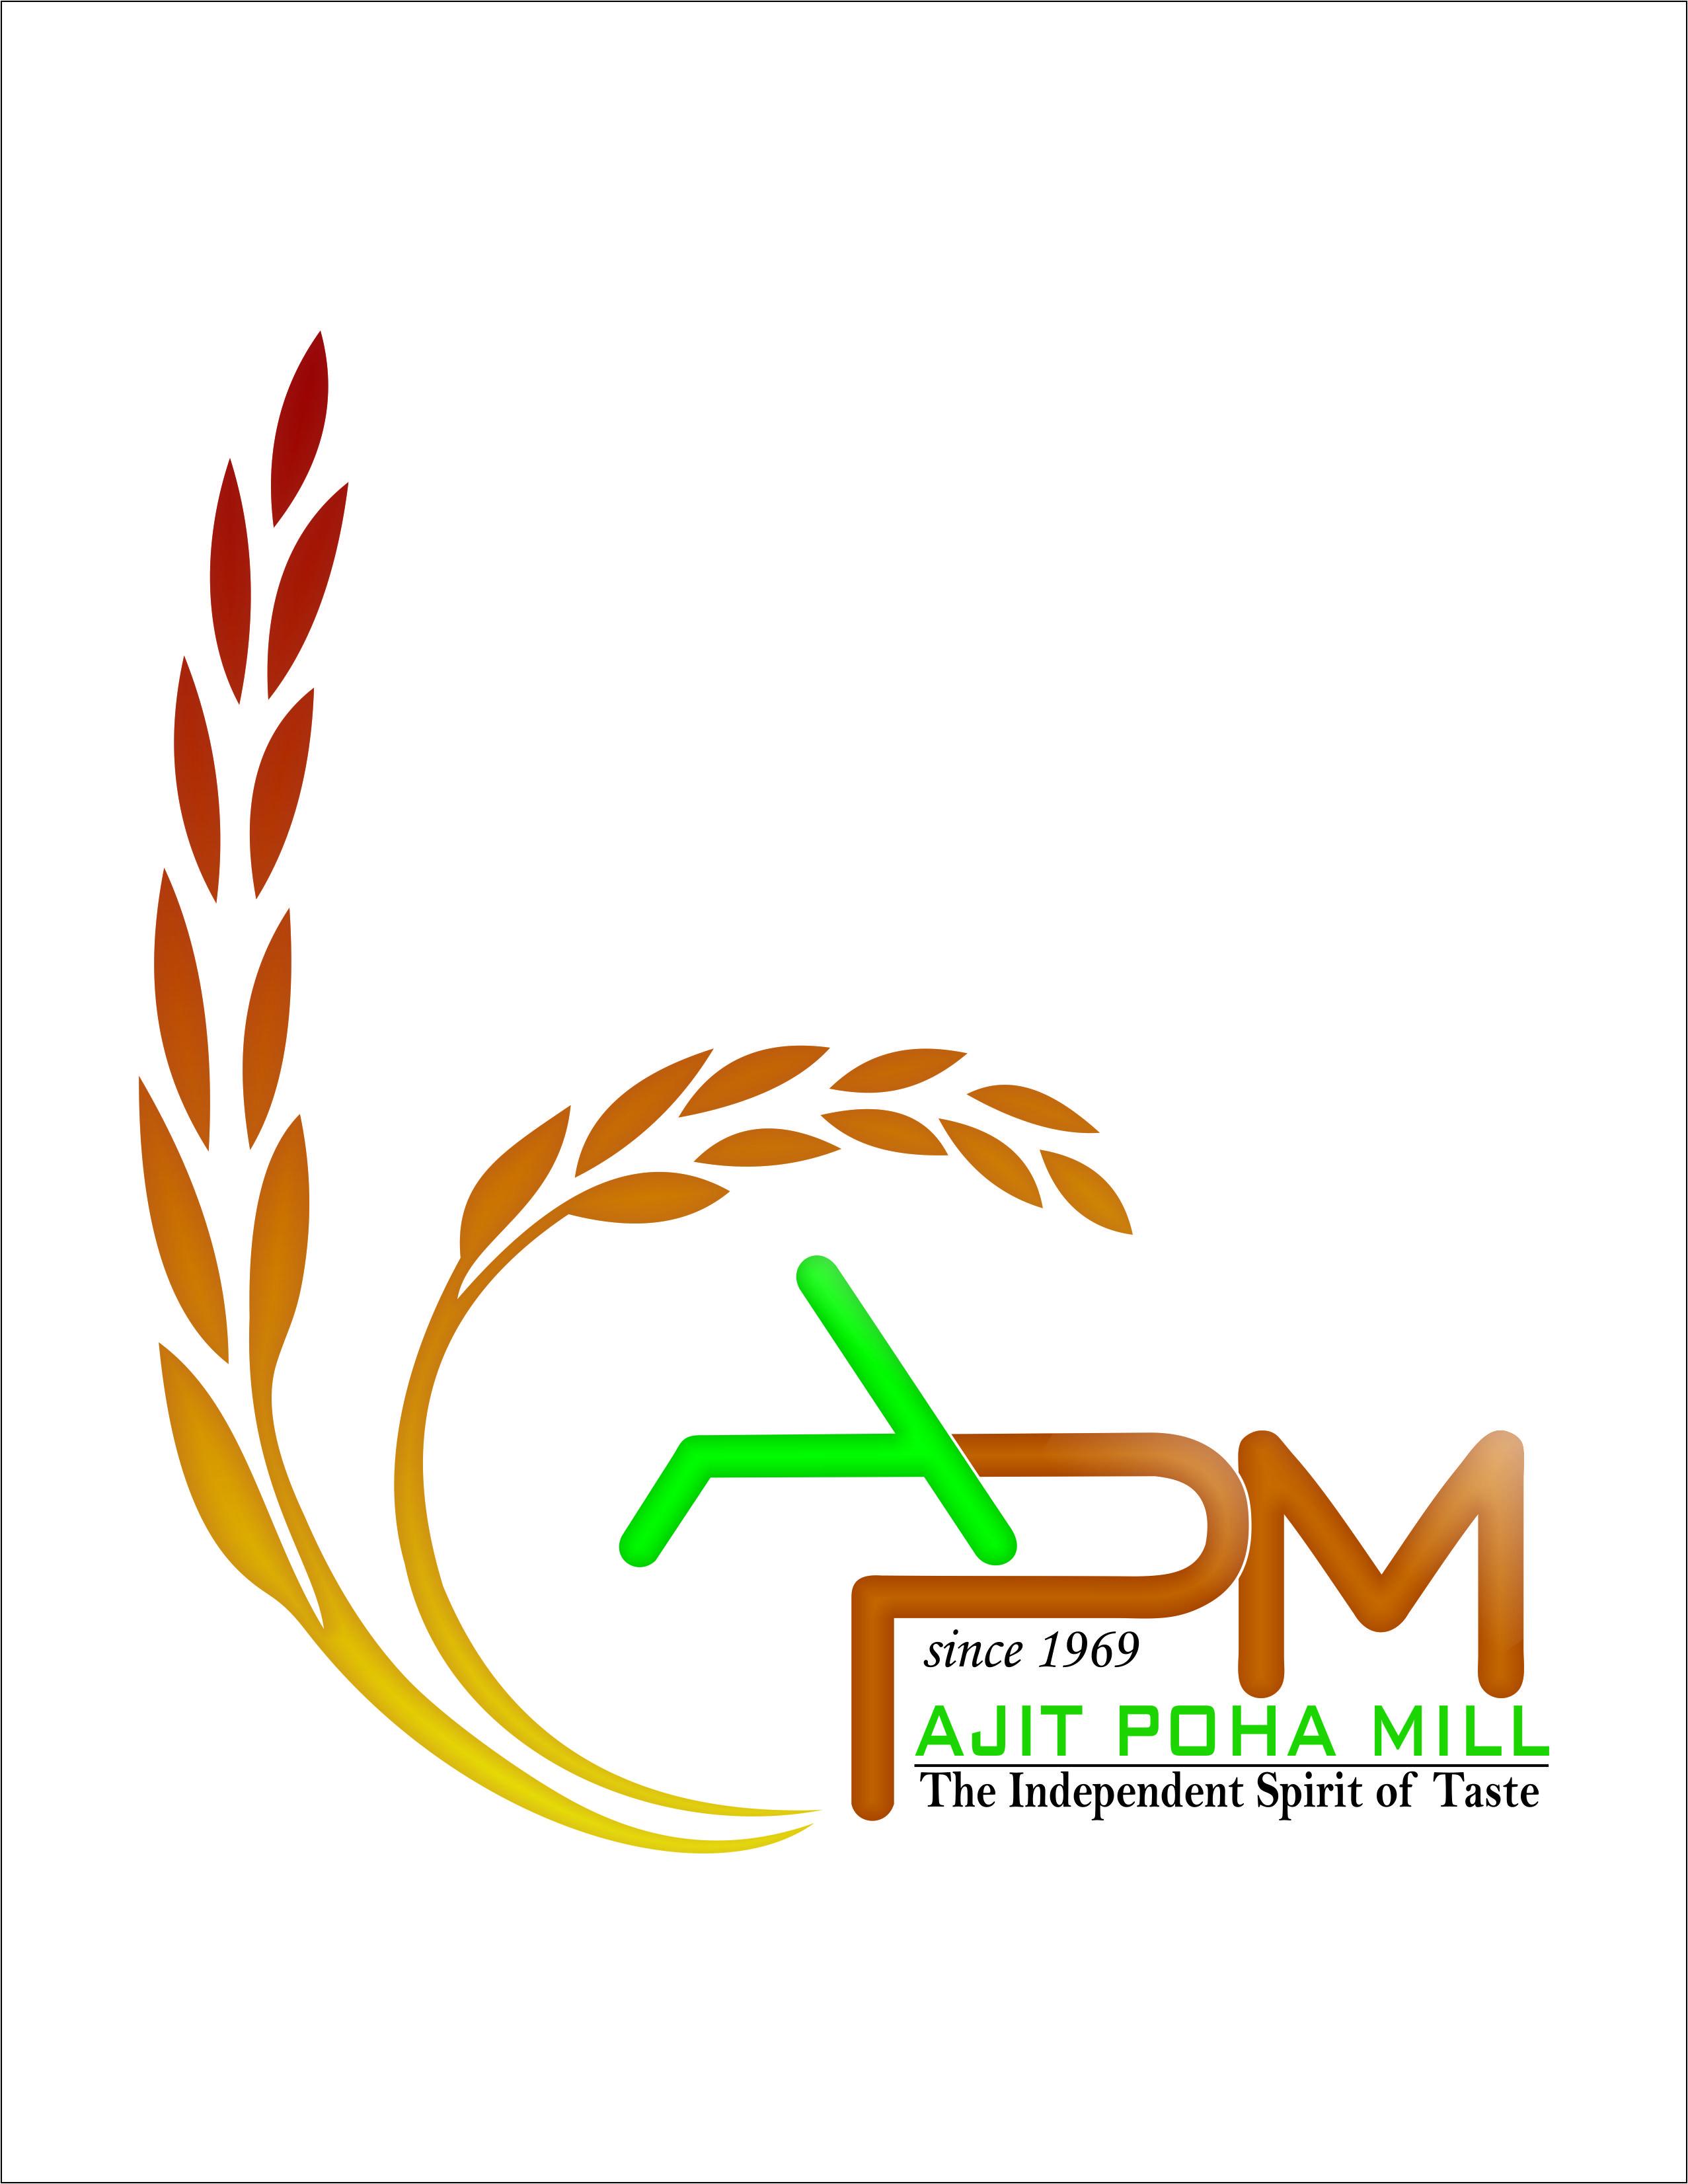 Ajit Poha Mill